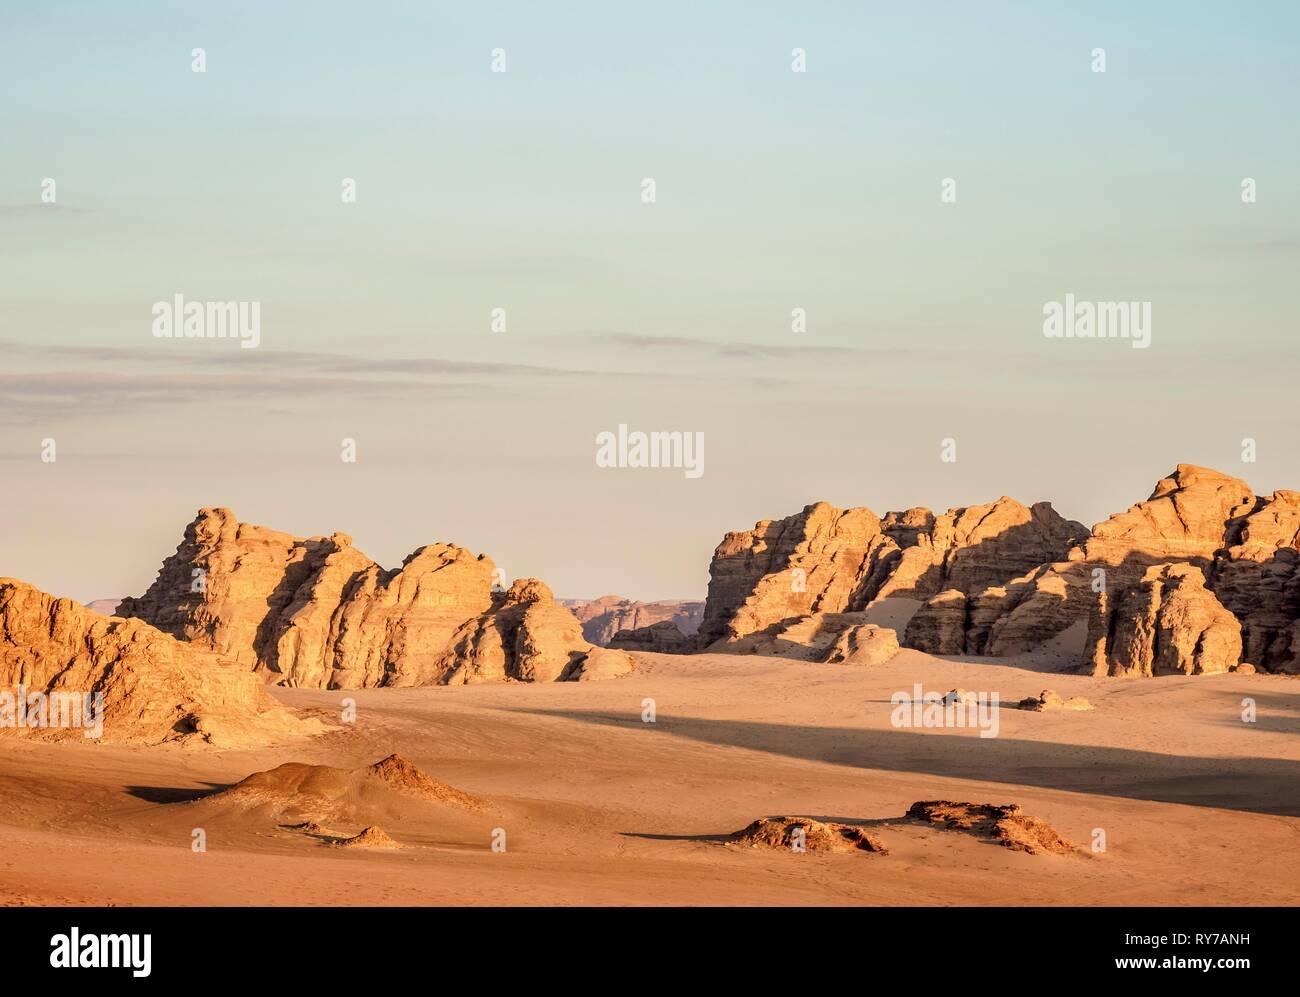 Paysage désertique avec des roches à la lumière du matin, Wadi Rum, vue aérienne d'un ballon, le gouvernorat d'Aqaba, Jordanie Banque D'Images